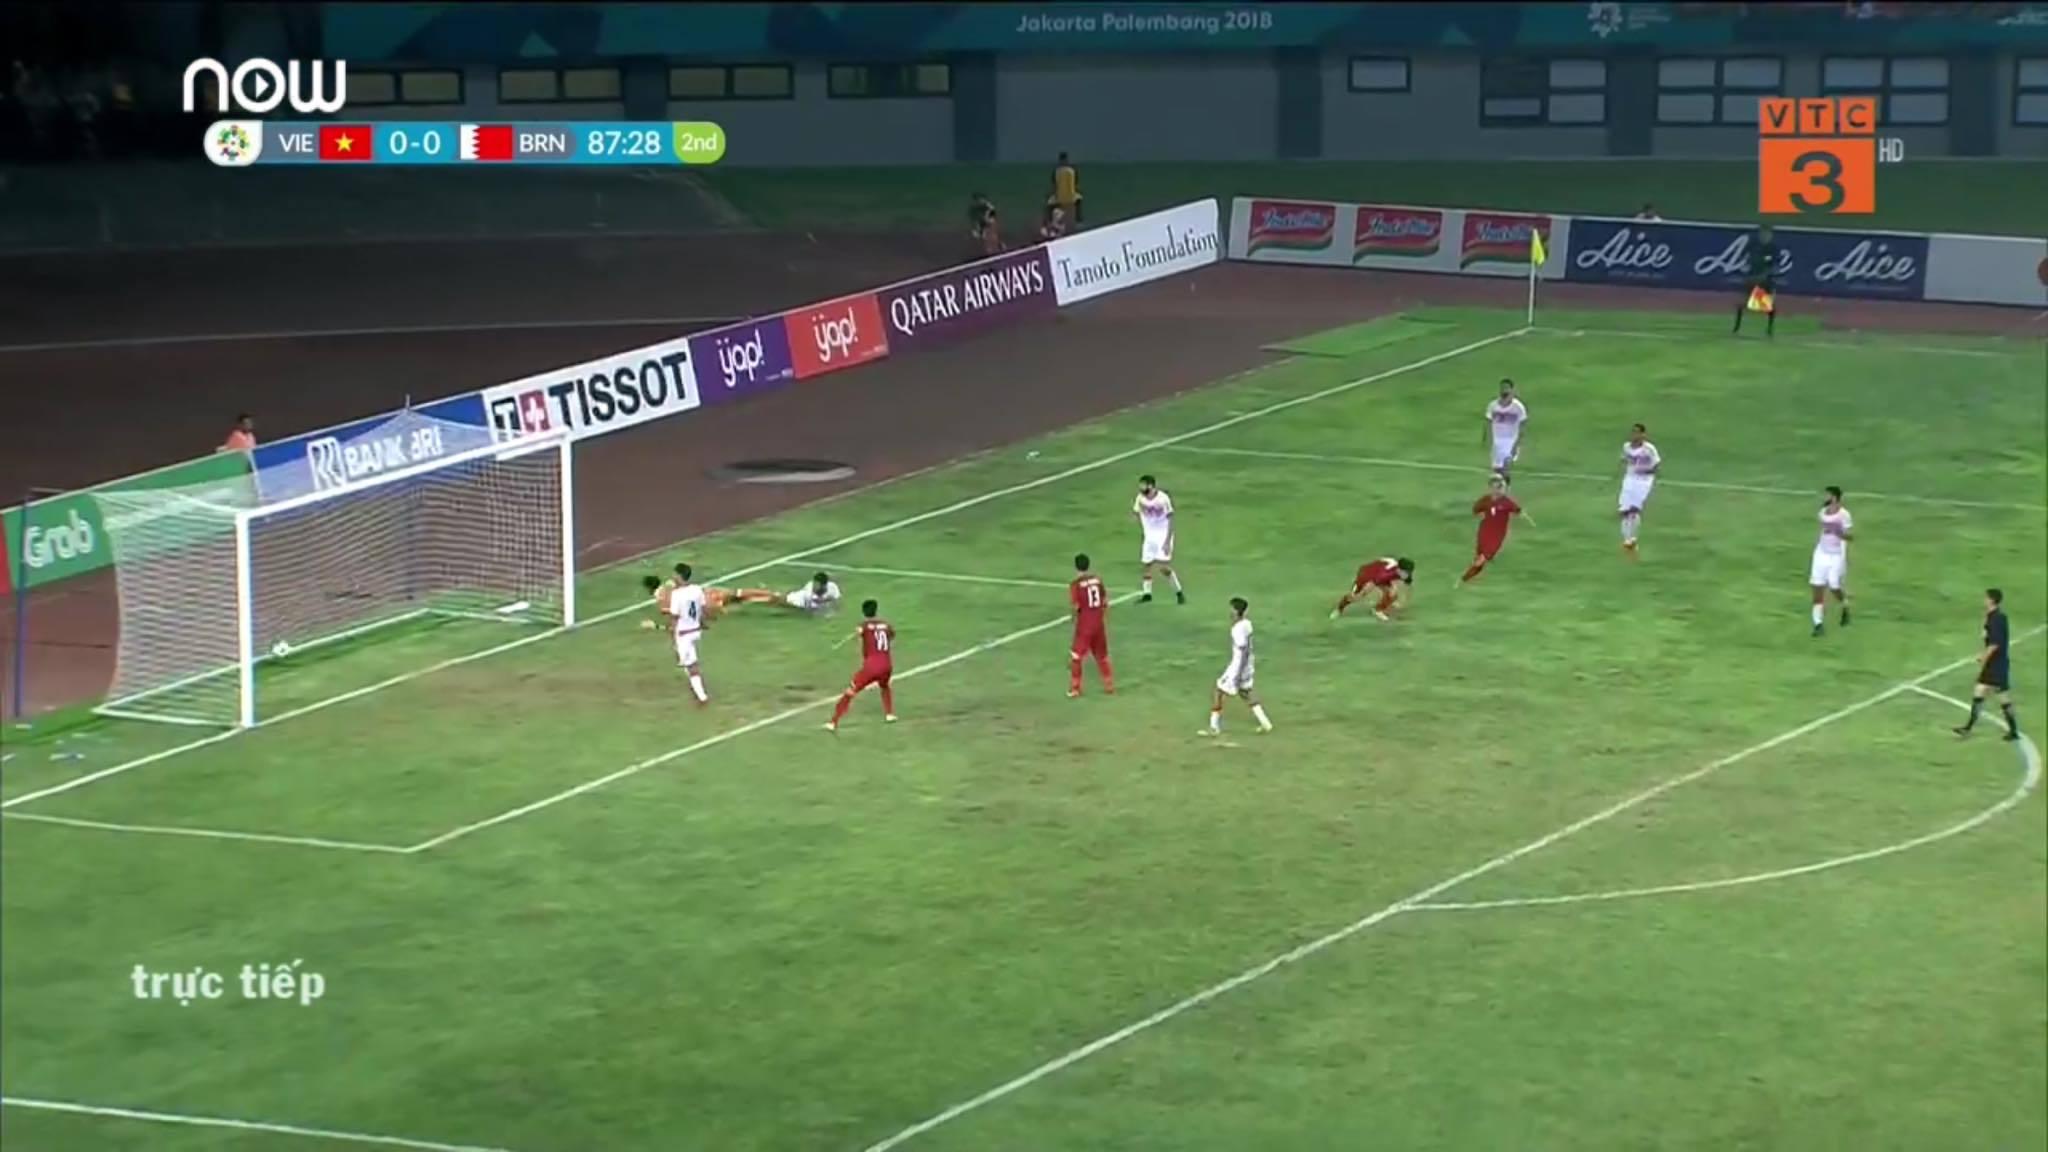 VTV6 bị dừng tiếp sóng trận đấu U23 Việt Nam vs U23 Bahrain